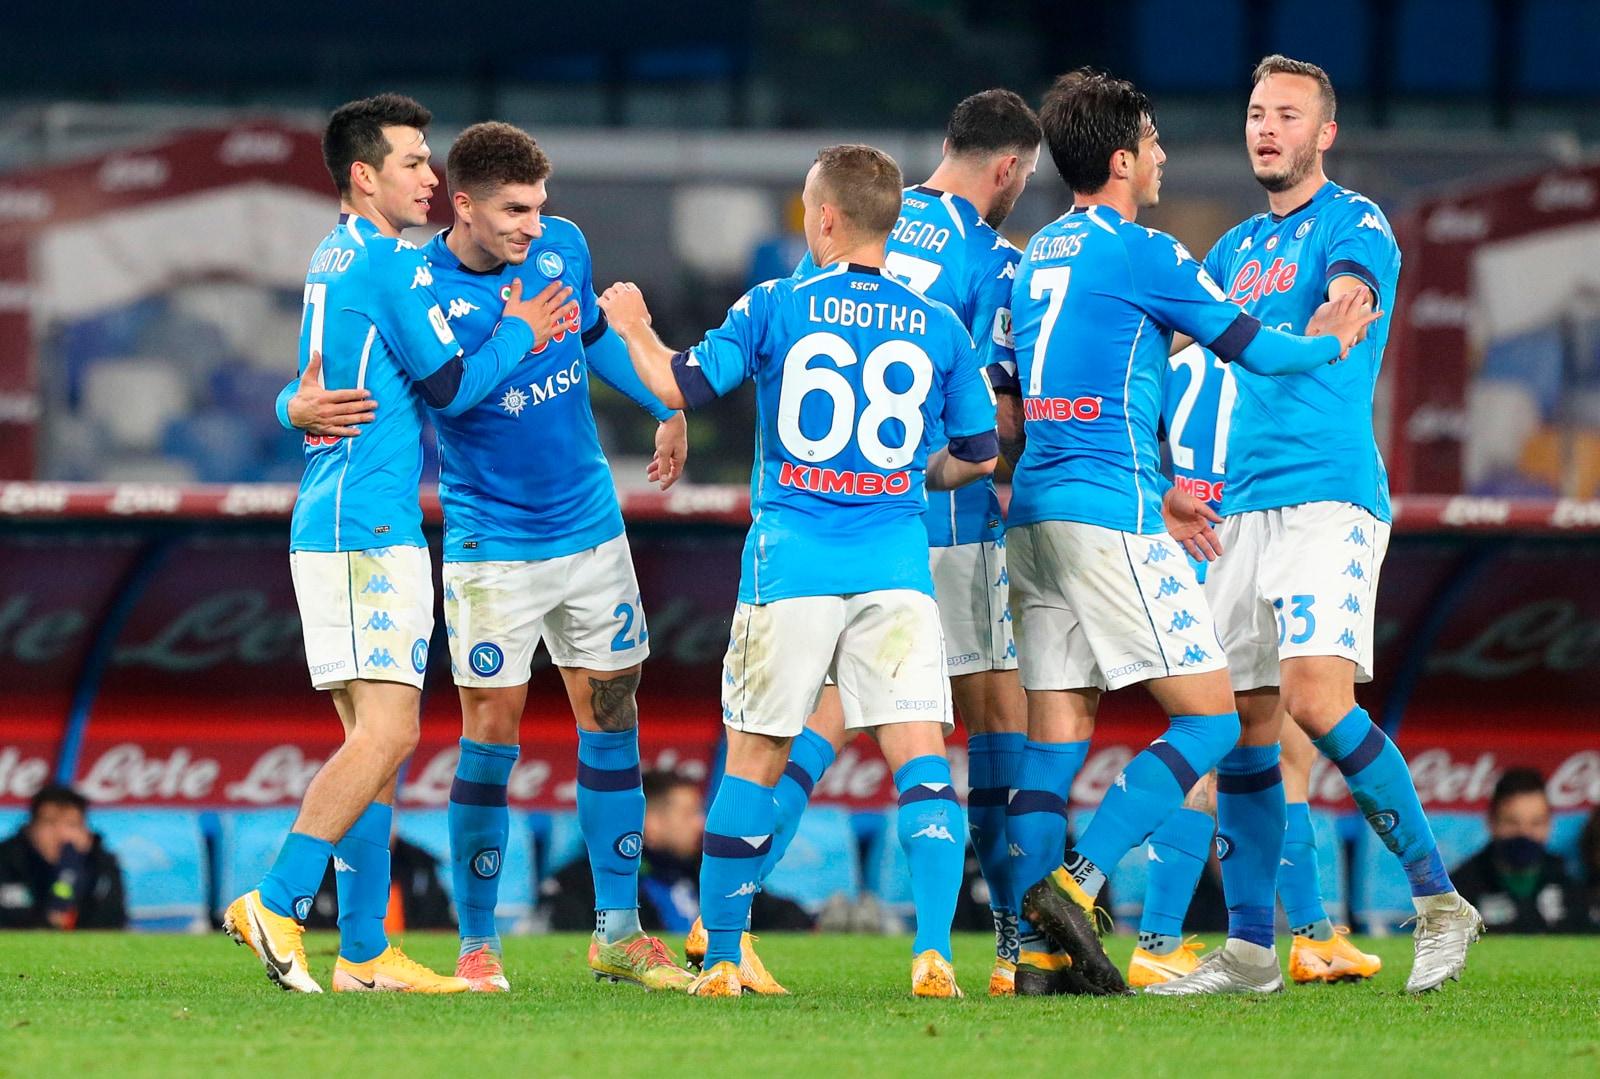 Coppa Italia: Bajrami illude l'Empoli, ma vince il Napoli grazie a Petagna